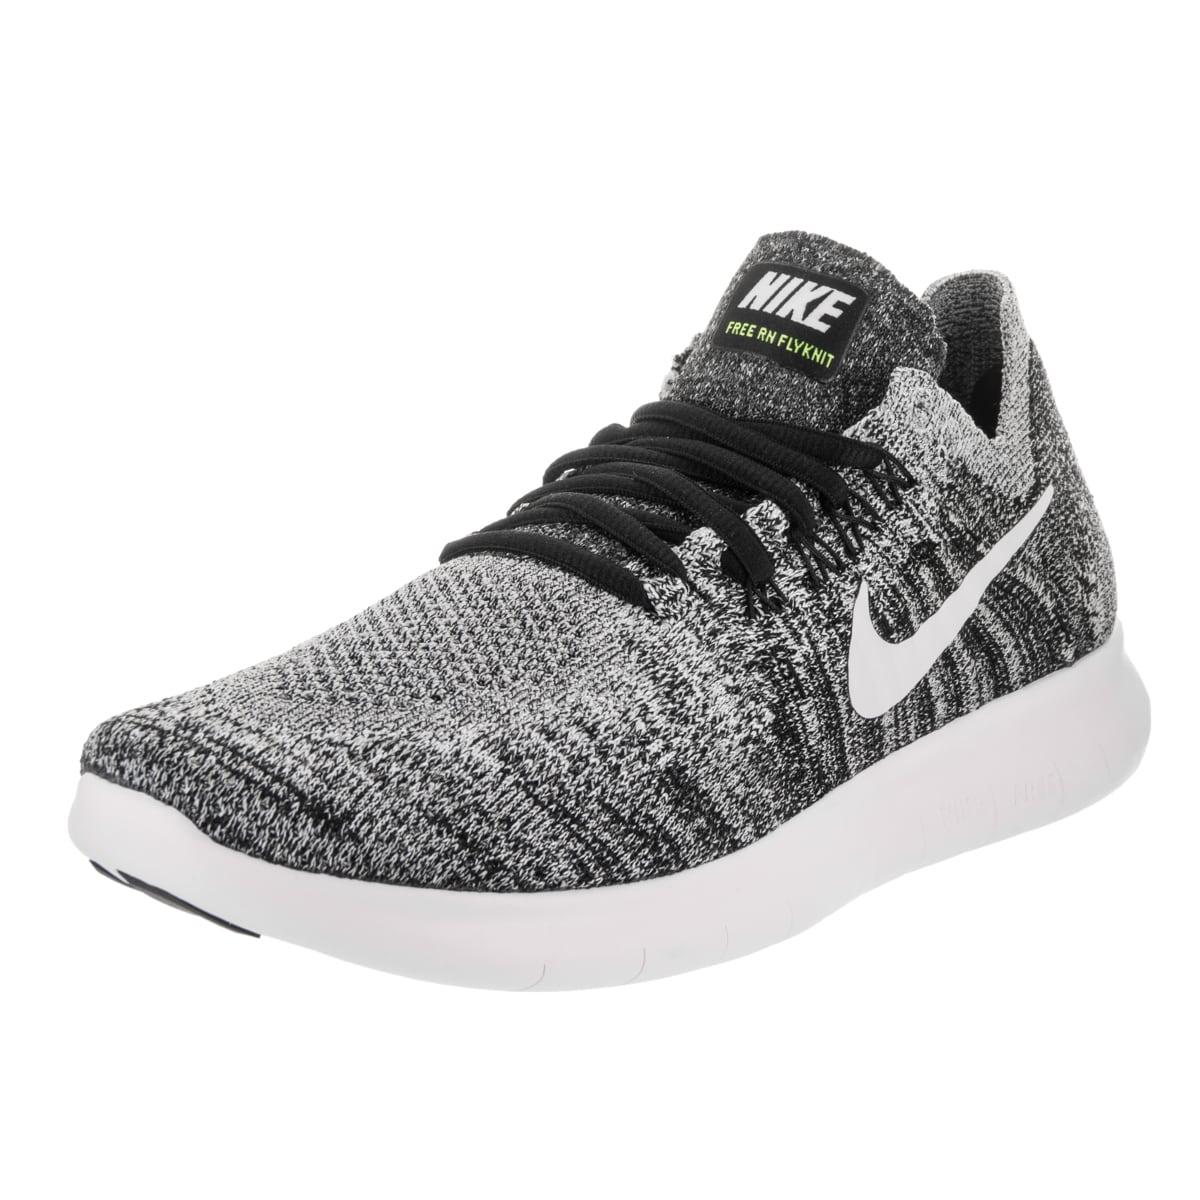 Shop Nike Women's Free Run Flyknit 2017